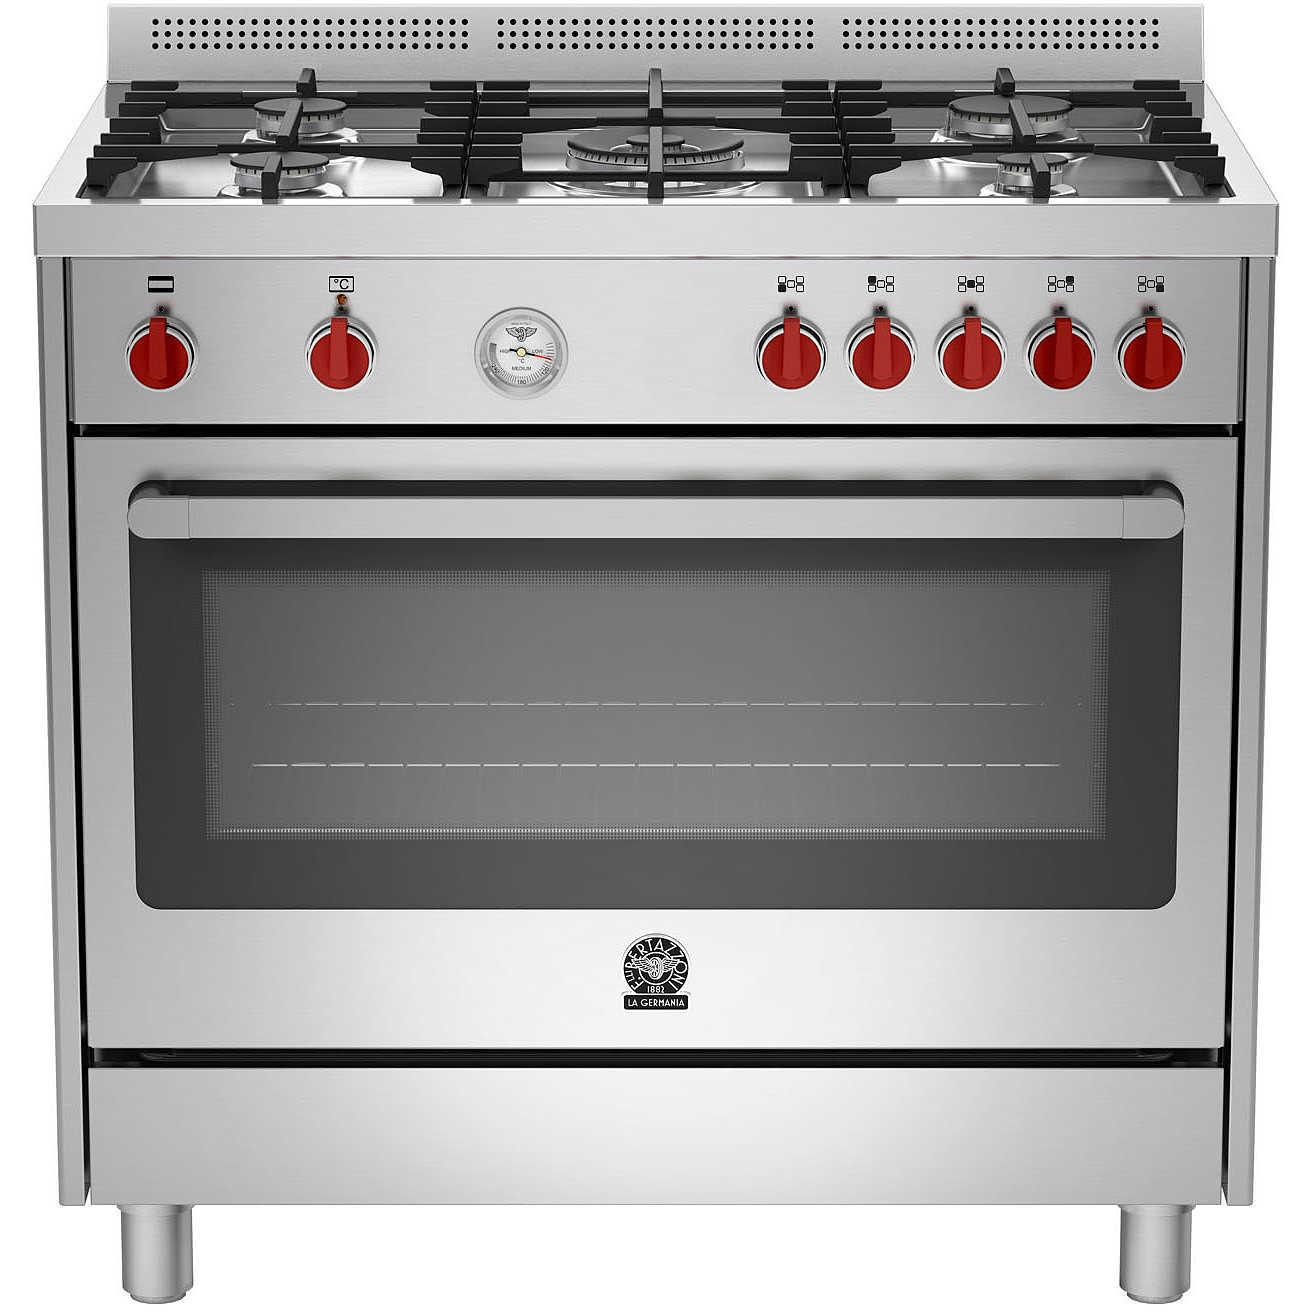 La germania prm905mfesxt cucina 90x60 5 fuochi a gas forno - La germania cucina ...